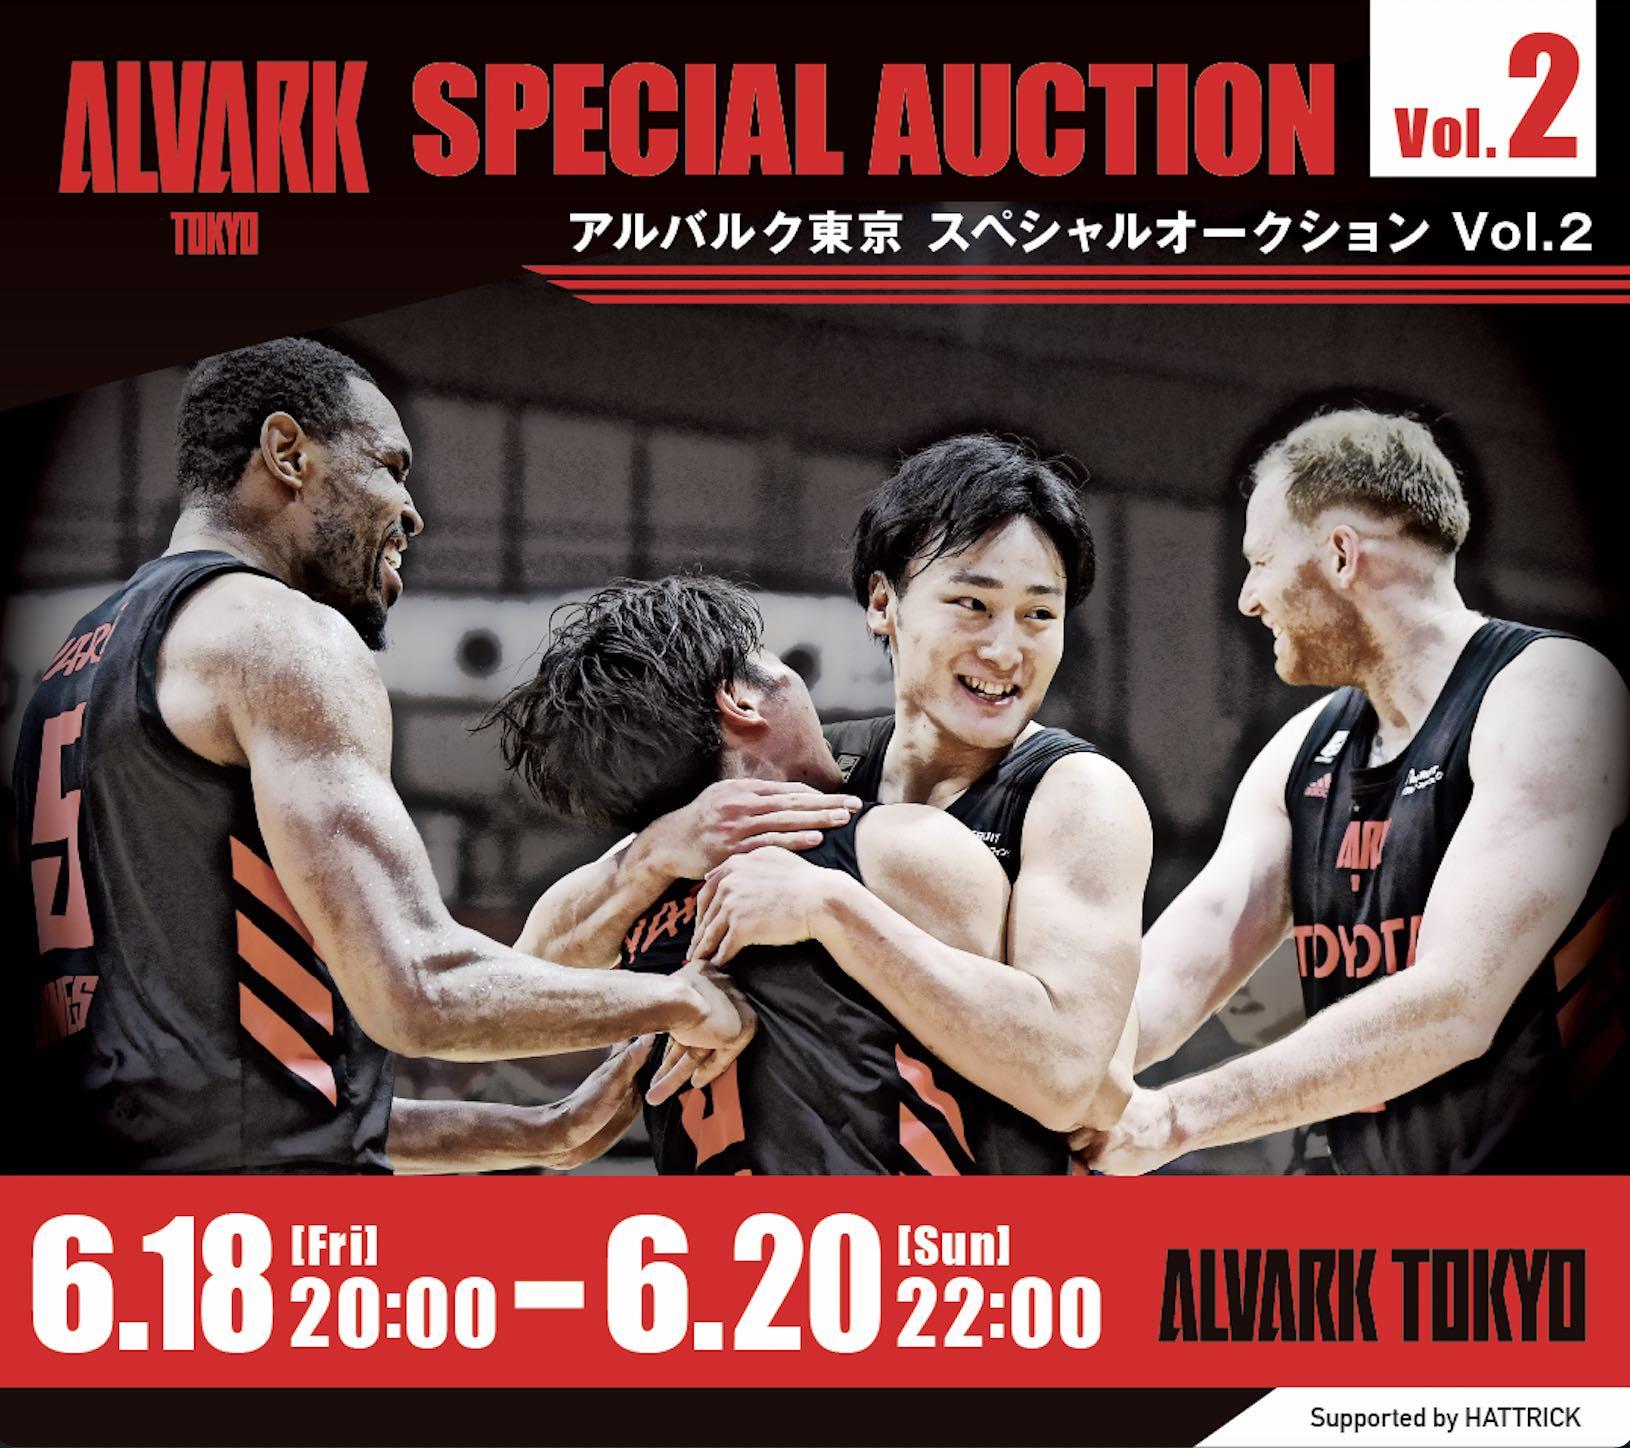 アルバルク東京 スペシャルオークション Vol 2